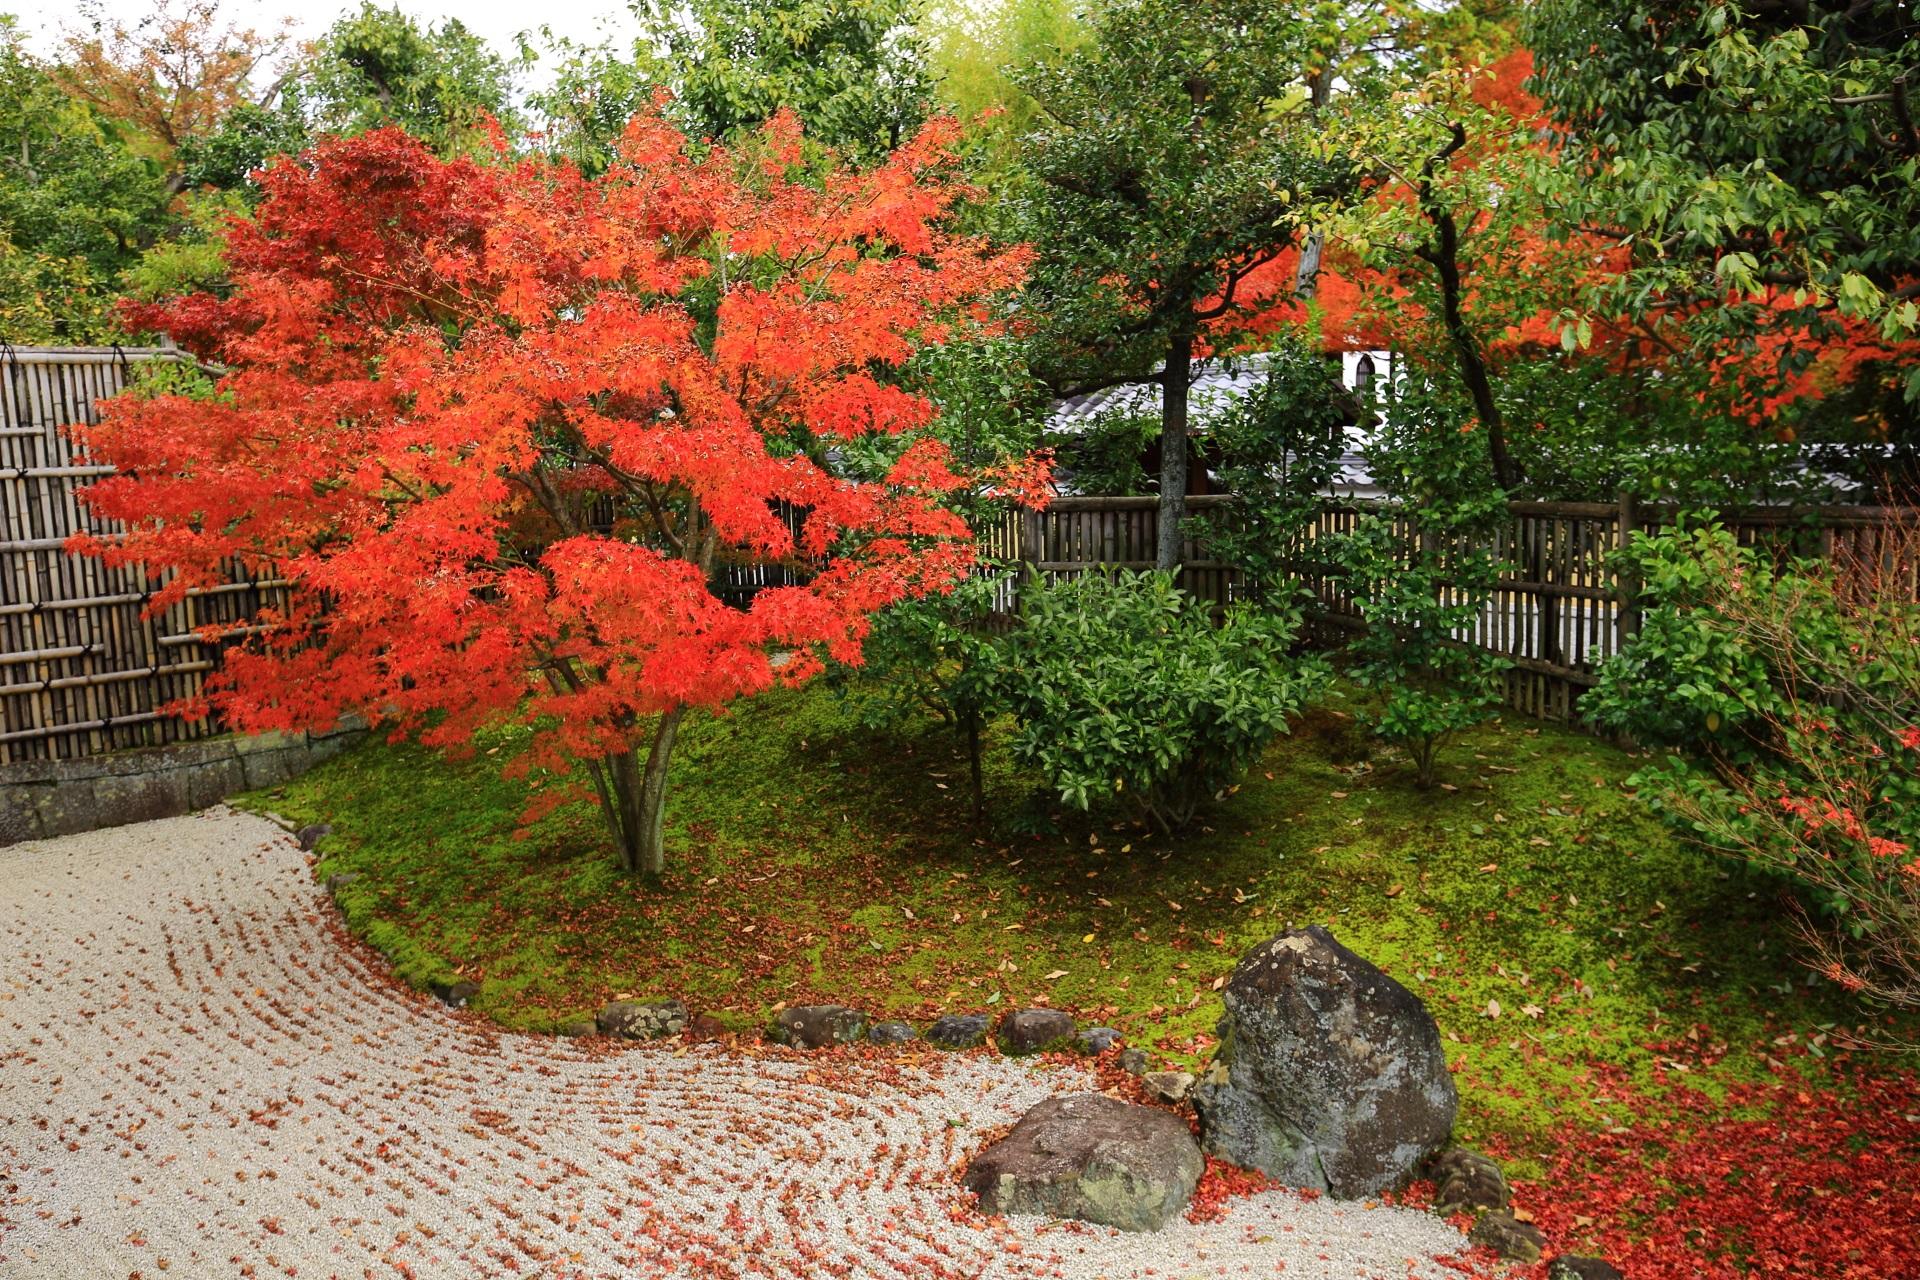 開山堂庭園の東側の緑の苔と白砂を彩る綺麗な紅葉